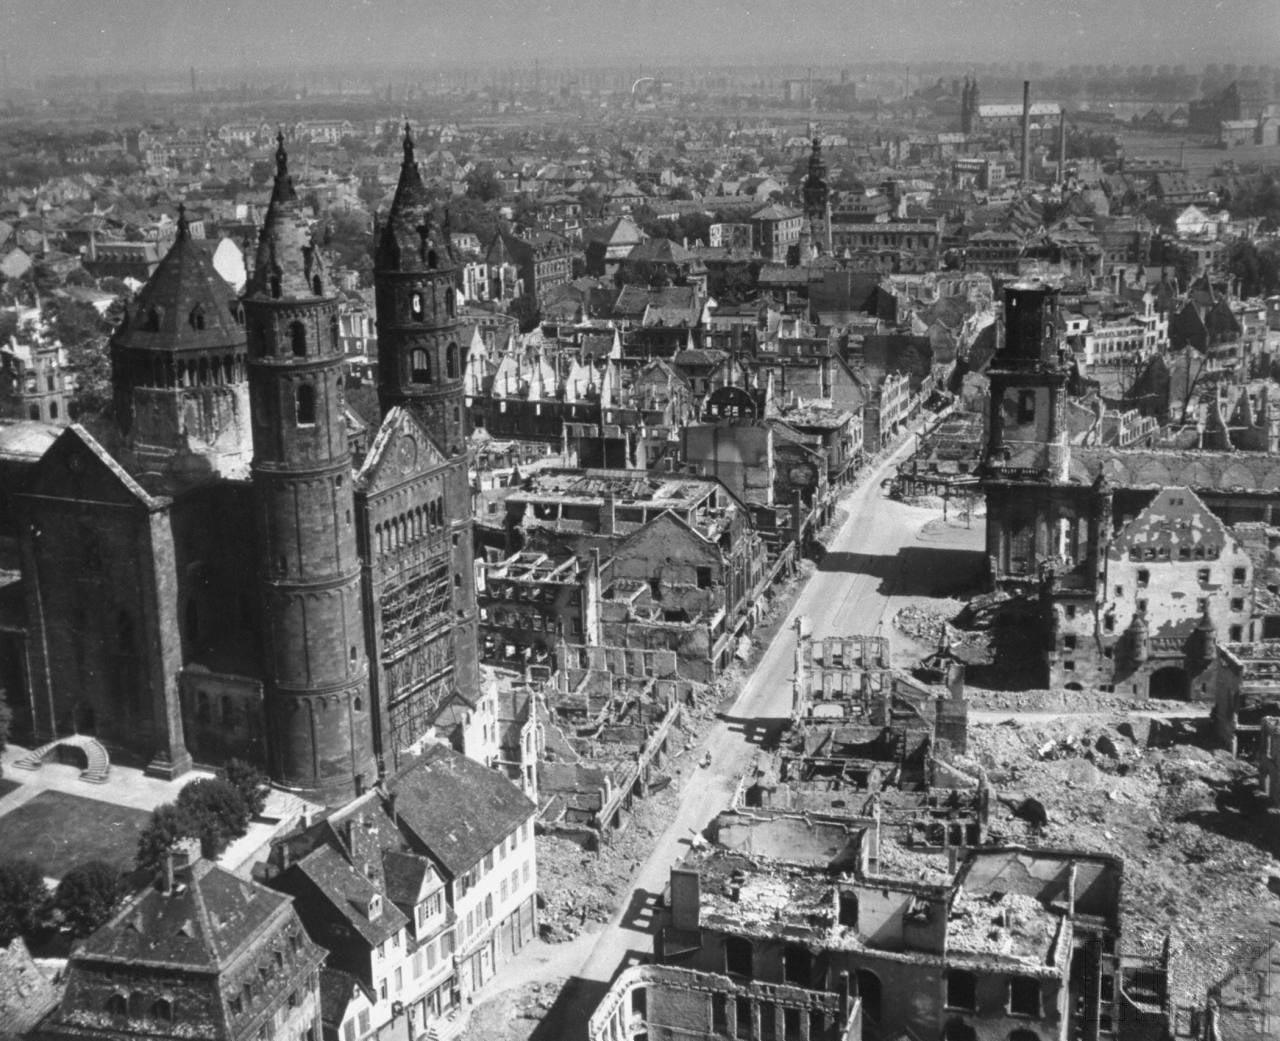 Документальное фото ВОВ 1941-1945 (95 фотографий)